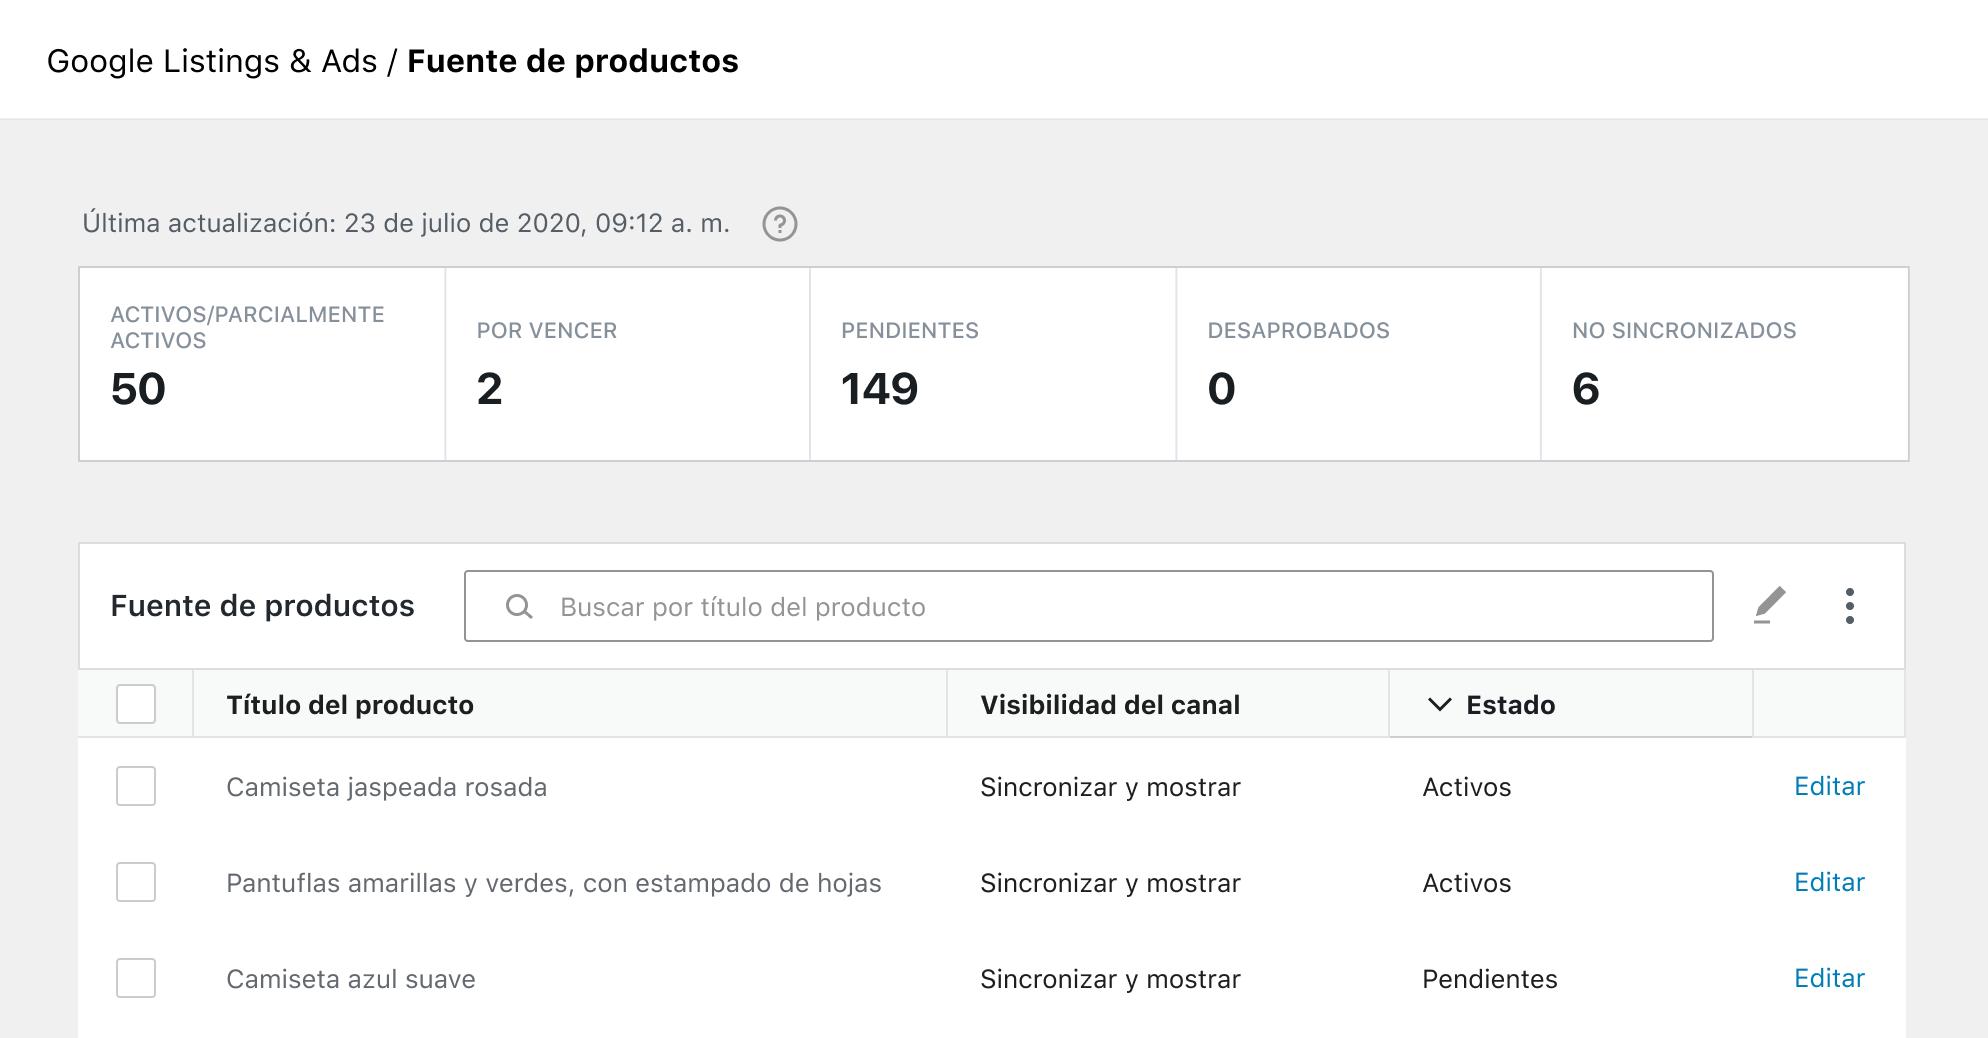 Mostrar el feed de productos en la integración de Google Listings y Ads